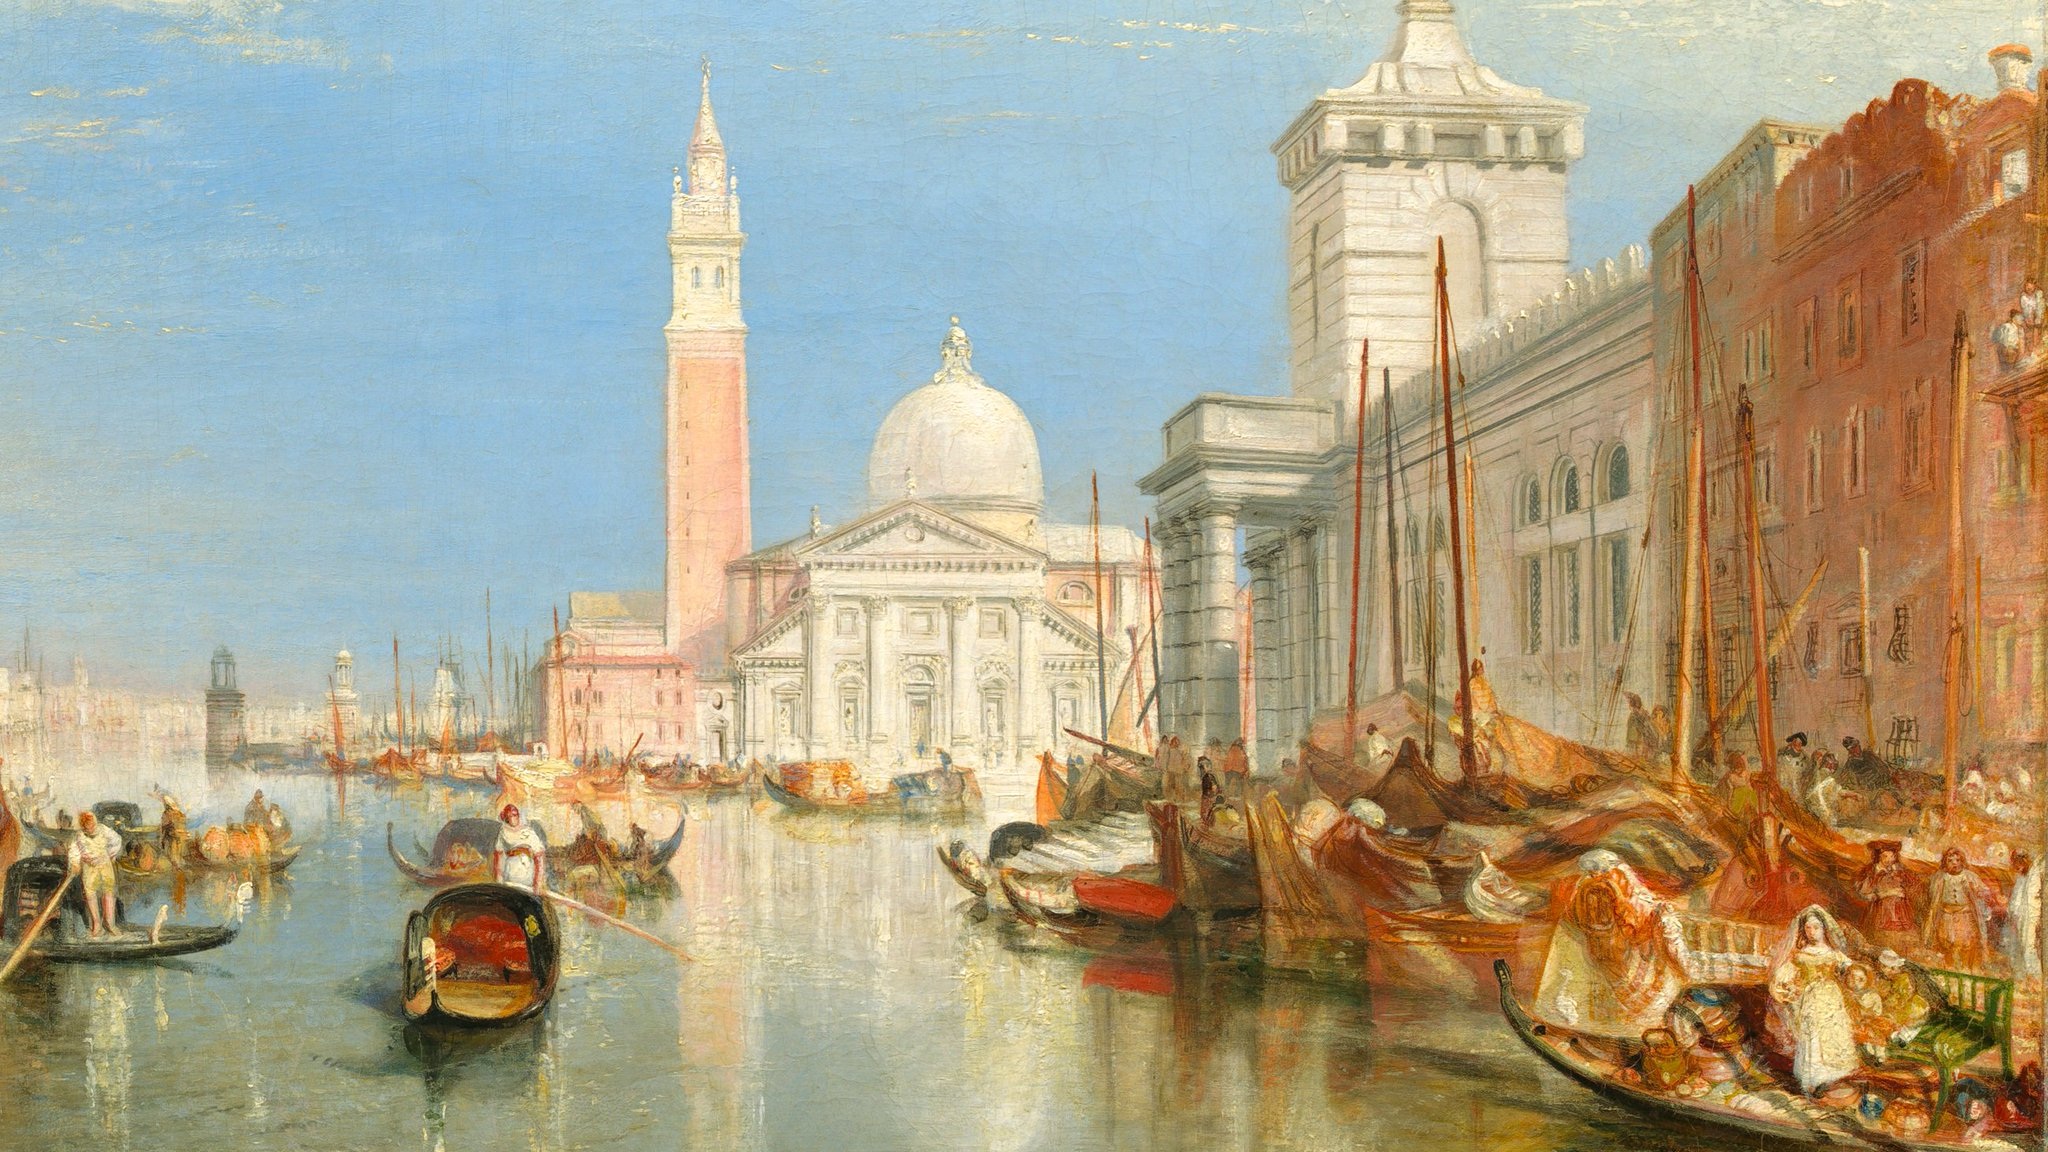 """J.M.W. Turner's """"Venice, The Dogana and San Giorgio Maggiore"""", 1834"""